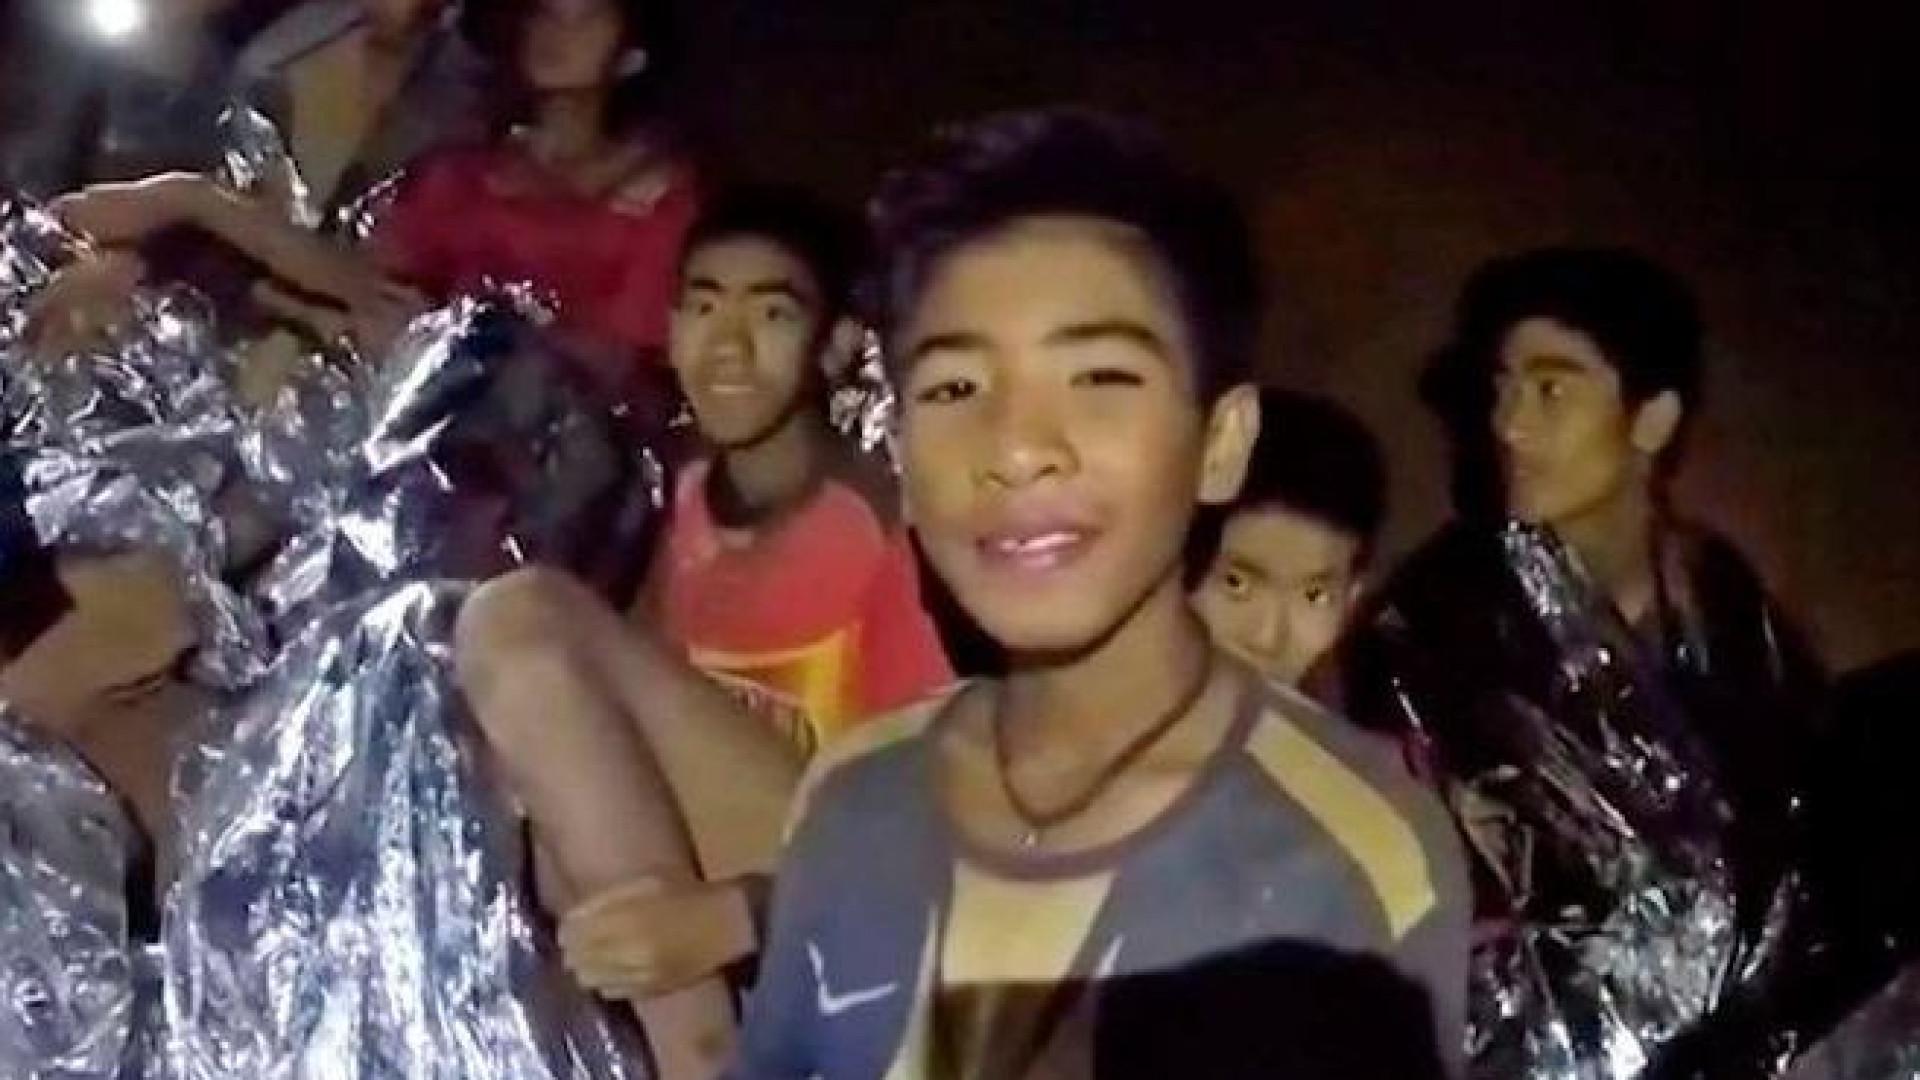 Jovens resgatados na Tailândia têm alta na quinta-feira